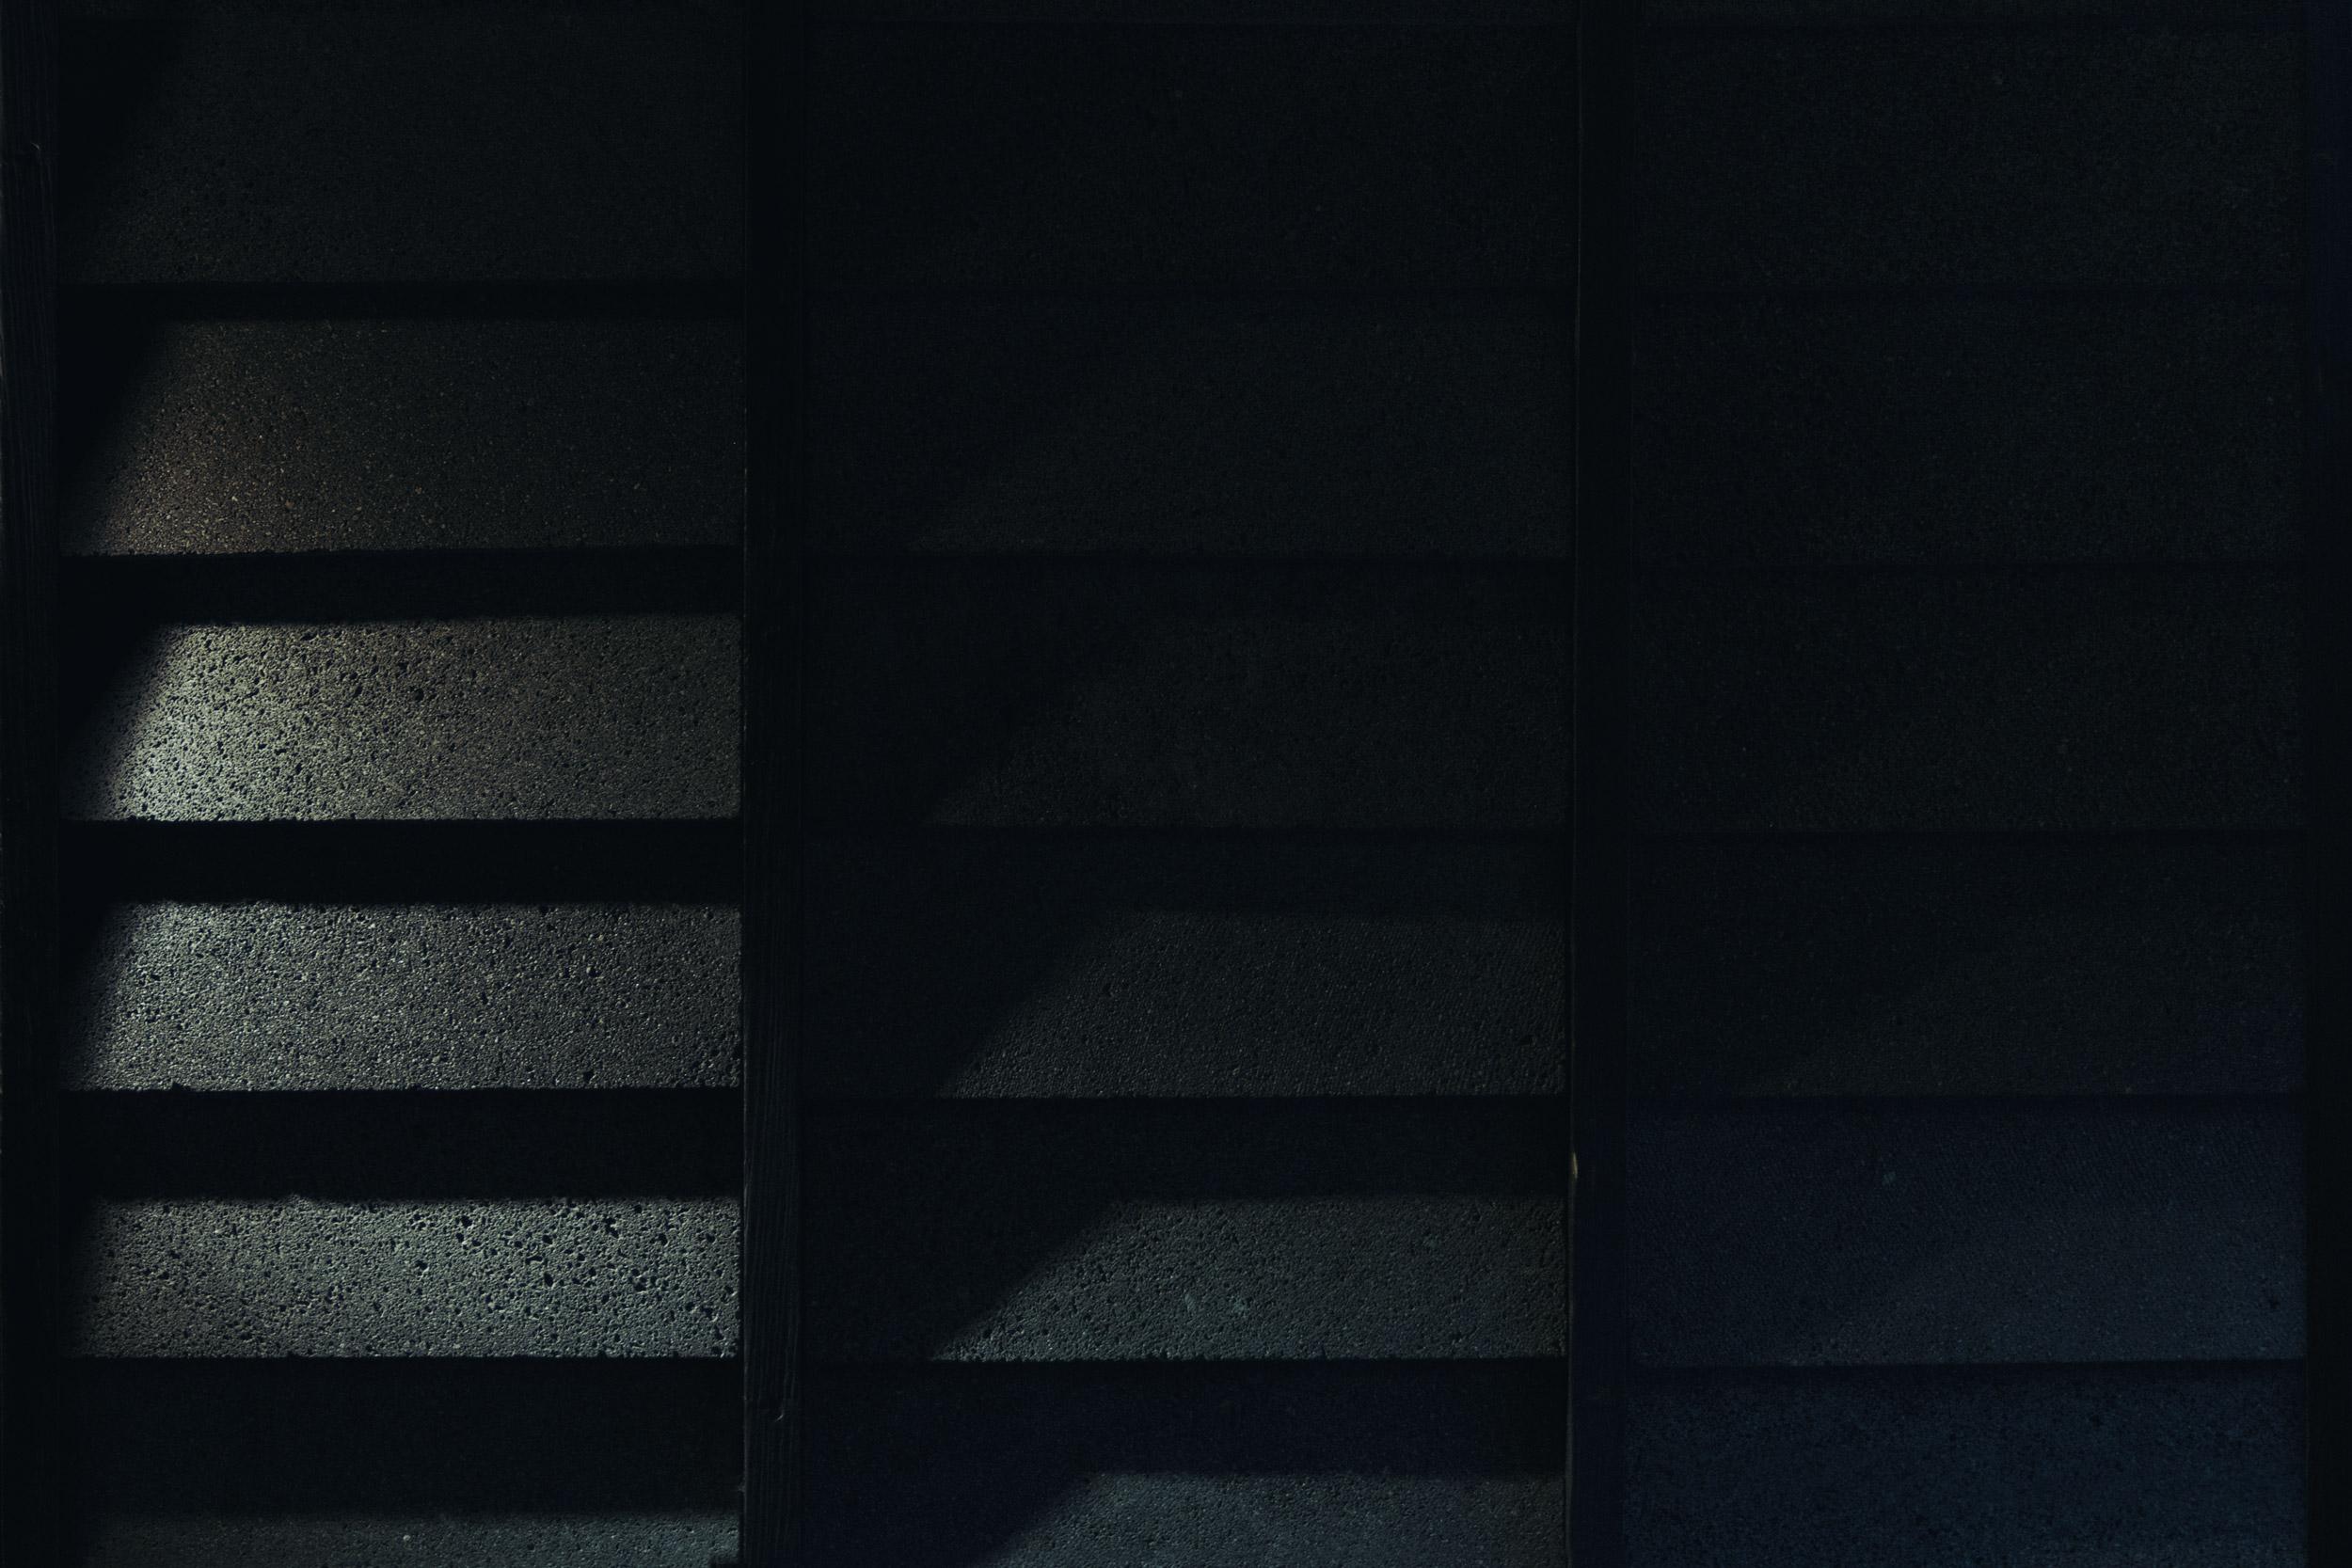 Equipo  Team   V Taller: Andrea Razo, Daniel Villanueva, Karina Ortega, Miguel Valverde  Lázaro: Jorge González  Paisaje  Landscape Design   Petunia Landscaping: Martha Orozco  Contratista  Contractor   JDL Construcciones: Jorge Díaz de León  Fotos  Photos   Araceli Paz, Daniel Villanueva, Jorge González Yáñez